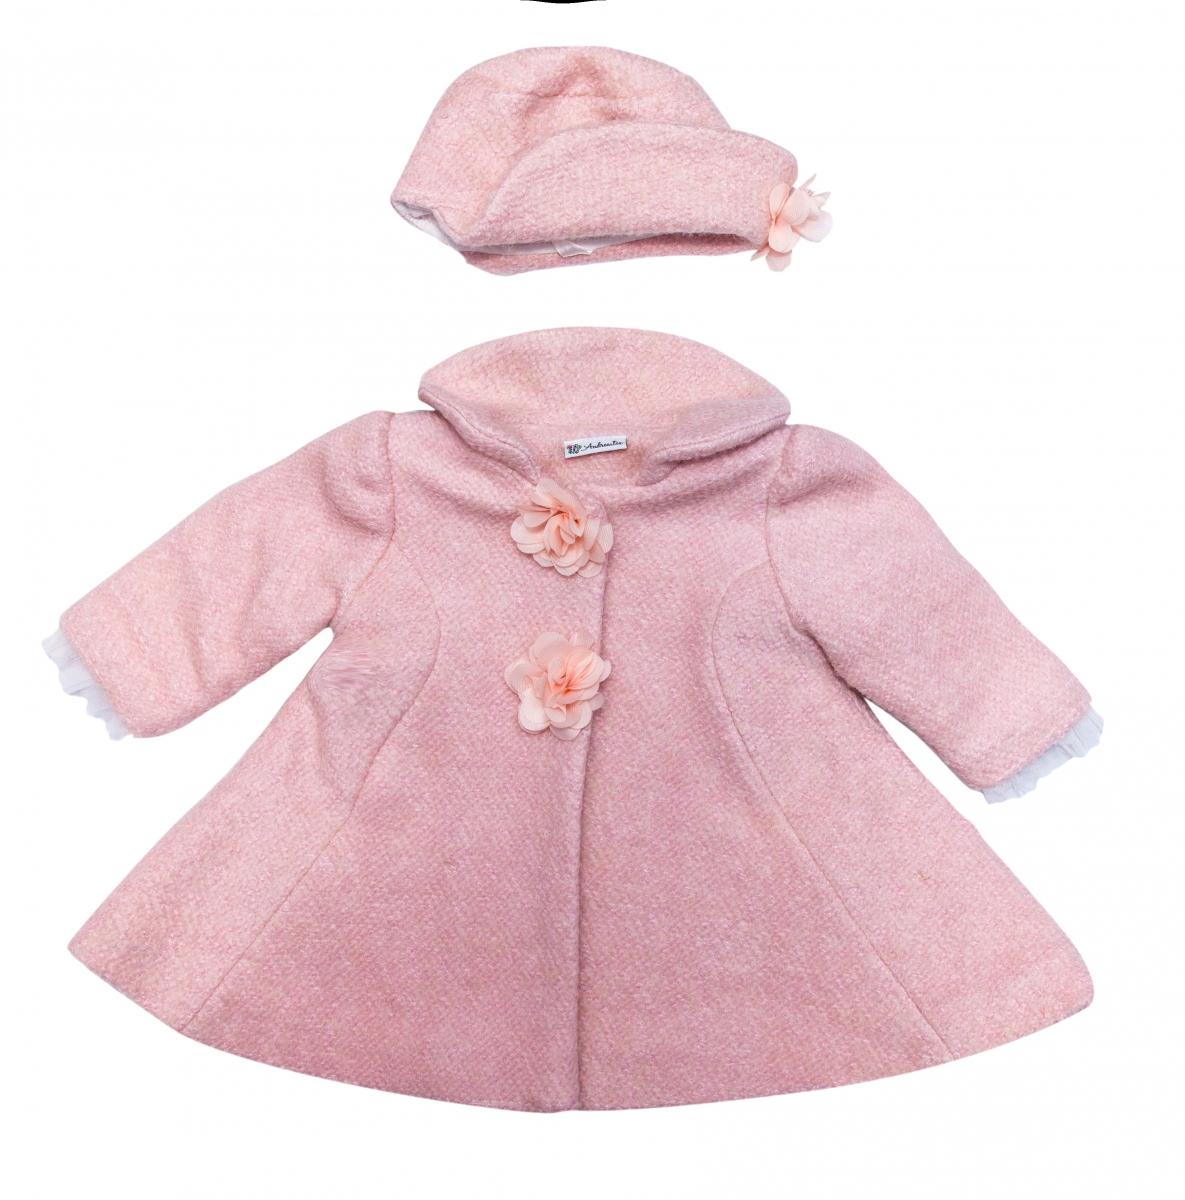 Palton fete cu palarie Sissy roz 3-9luni